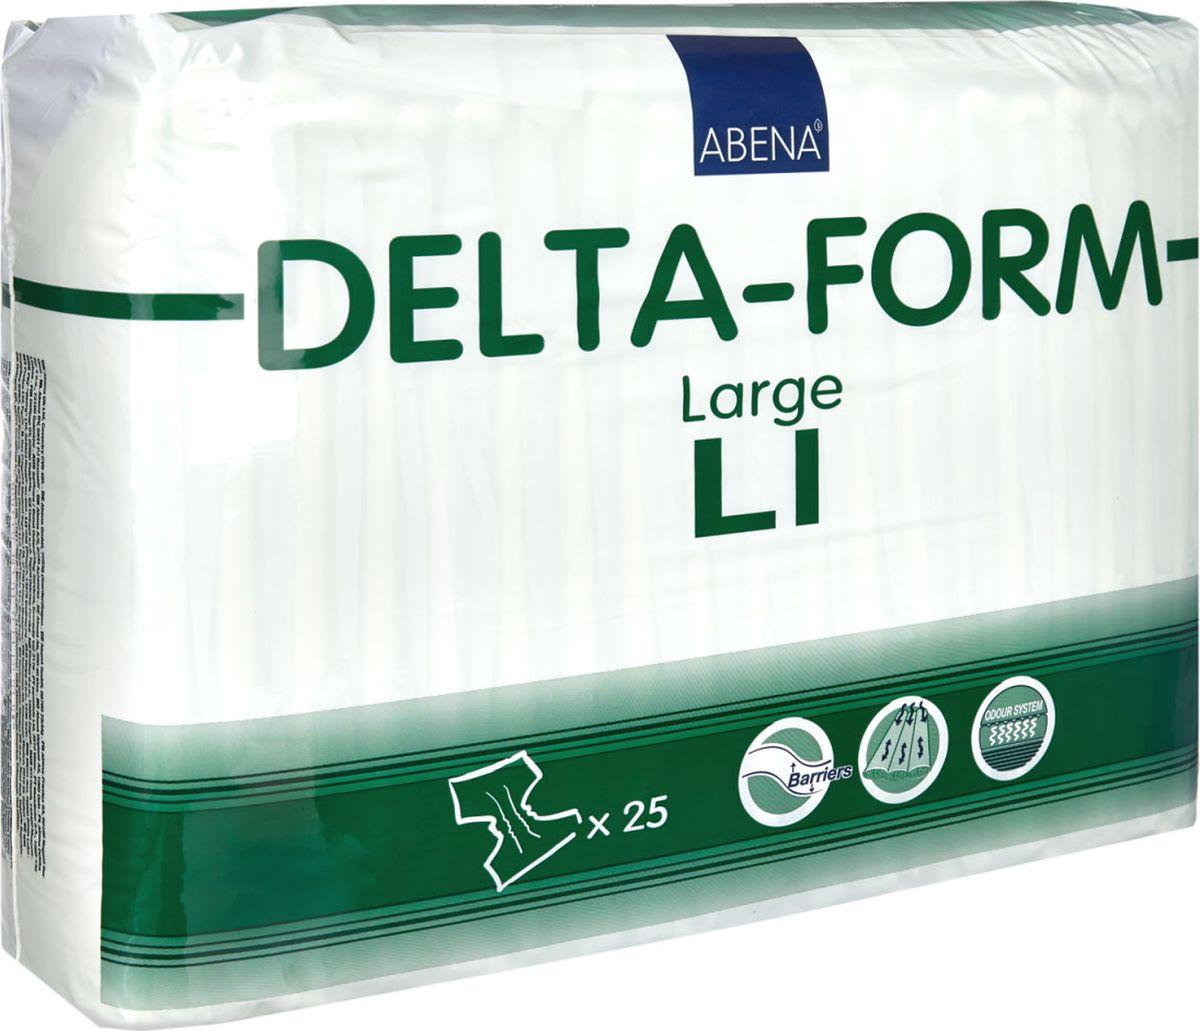 Abena Подгузники для взрослых Delta-Form L1 25 шт106Подгузники для взрослых Abena Delta-Form созданы для ухода за пациентами, имеющими недержание мочи. Они имеют анатомическую форму, которая обеспечивает оптимальный комфорт и активность пациента. Внутренняя поверхность изготавливается из особого материала, который обеспечивает сухость, защиту кожи и проникновение влаги только в одну сторону.Благодаря наличию распределительного слоя TOP DRY влага впитывается очень быстро и минимально контактирует с кожей. Впитываемость 2200 г.Размер 100-150 см.